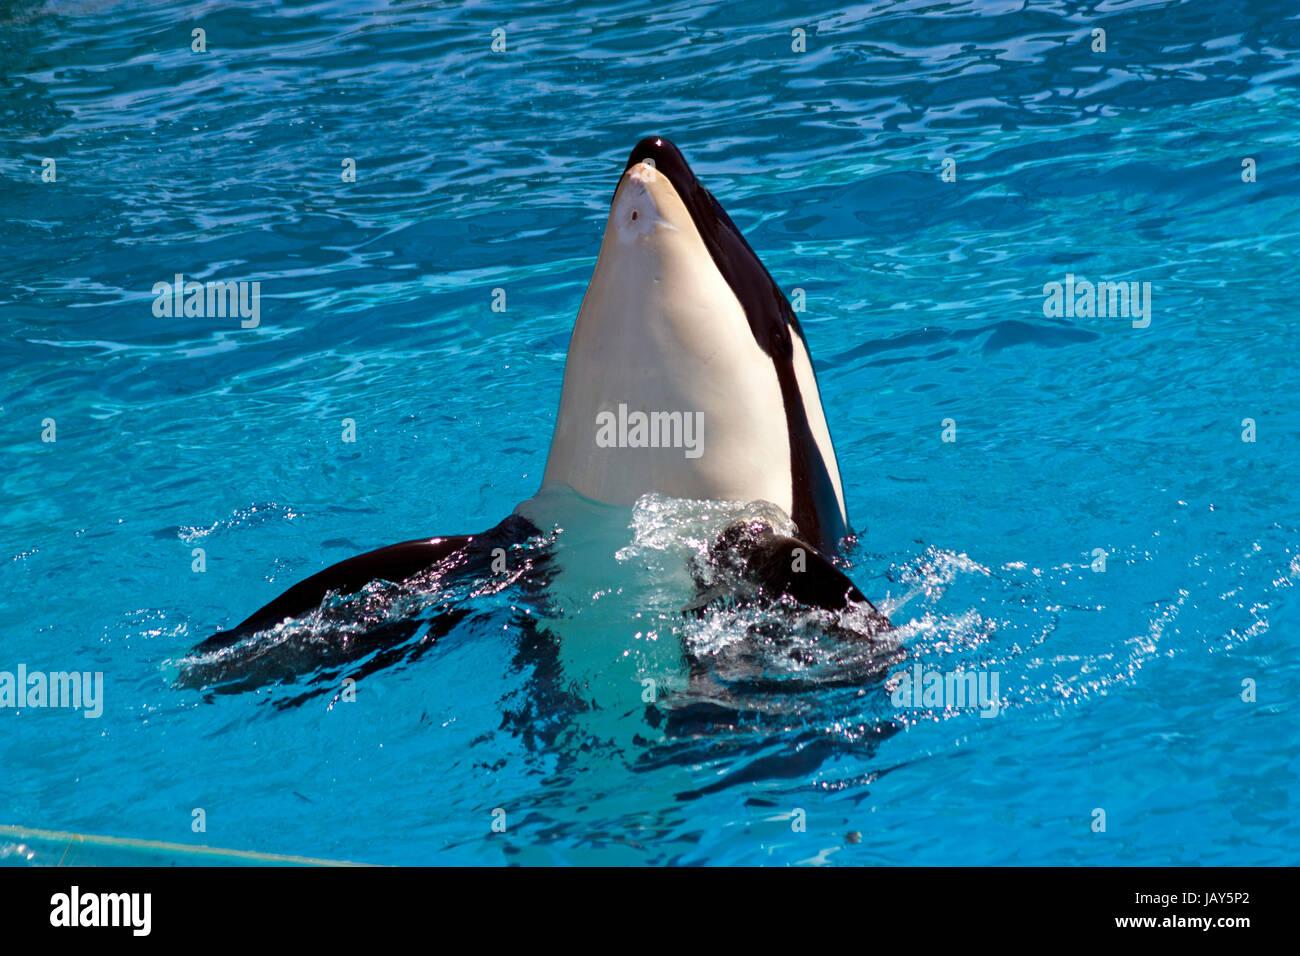 Delphin spähte aus blauem Wasser Stockfoto